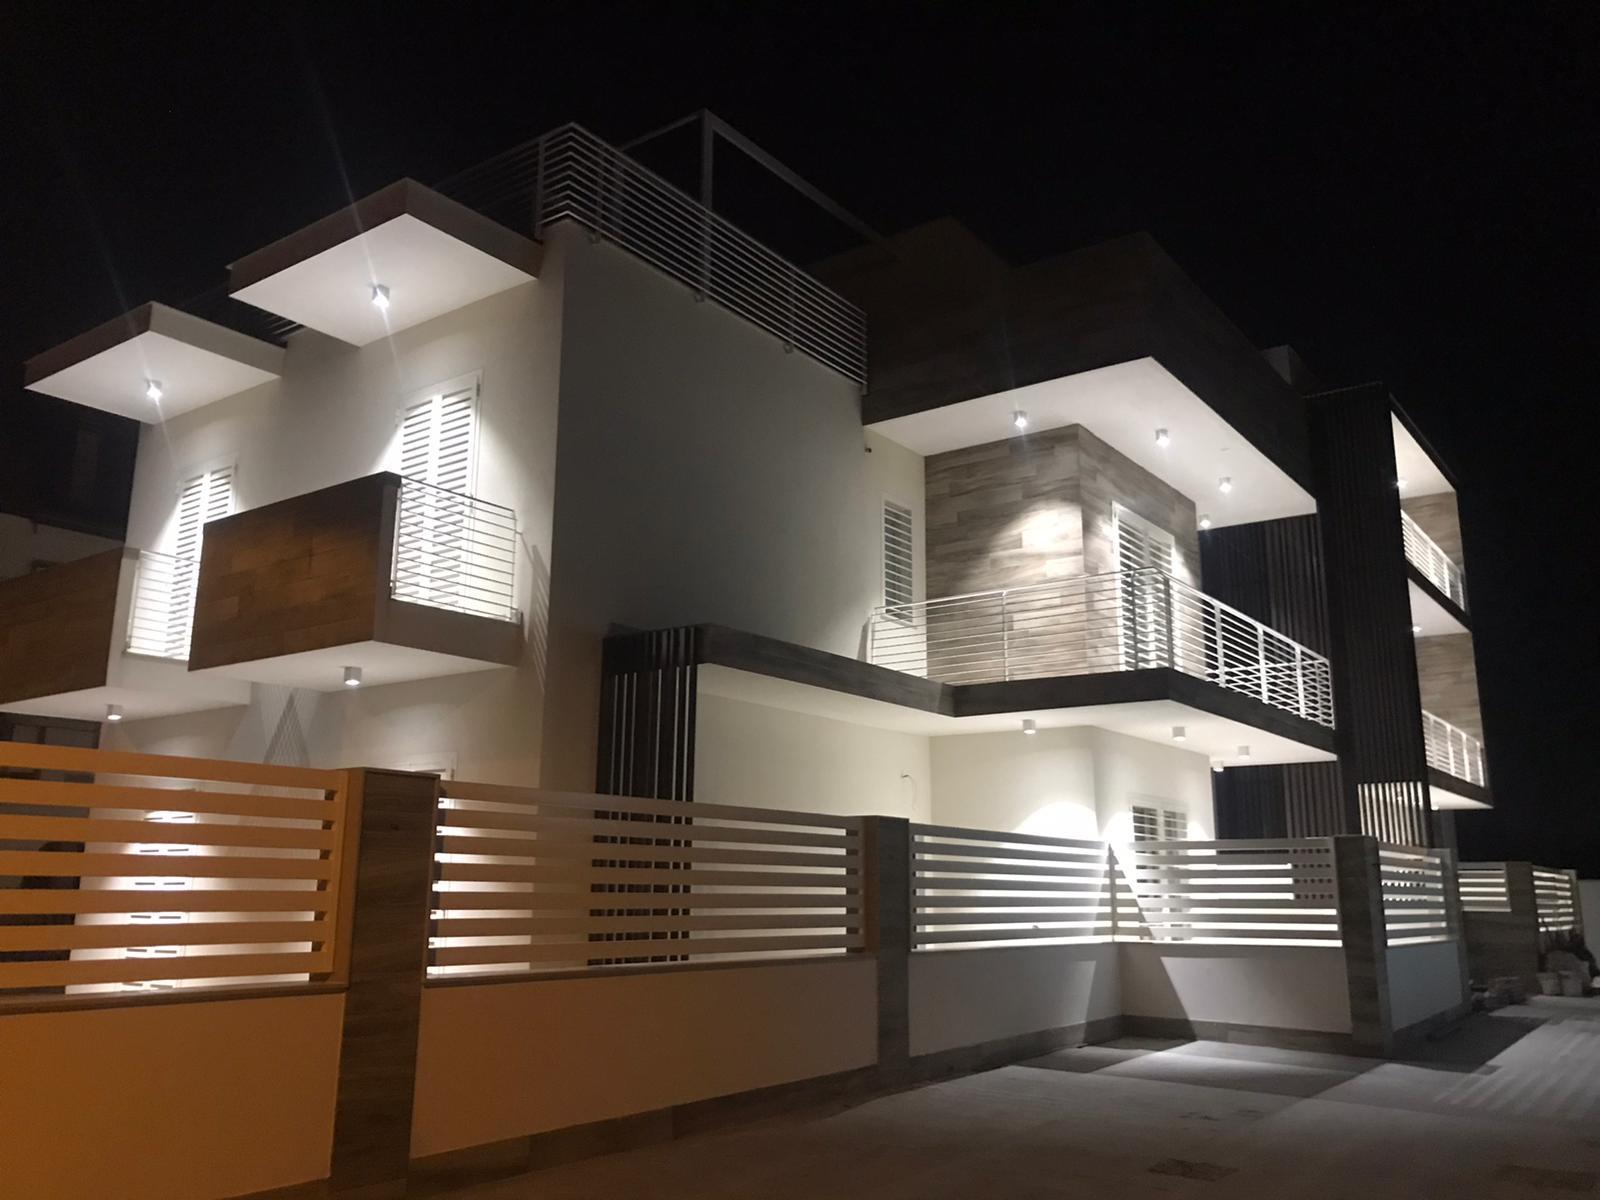 Appartamento in vendita a Saviano, 3 locali, prezzo € 220.000 | PortaleAgenzieImmobiliari.it